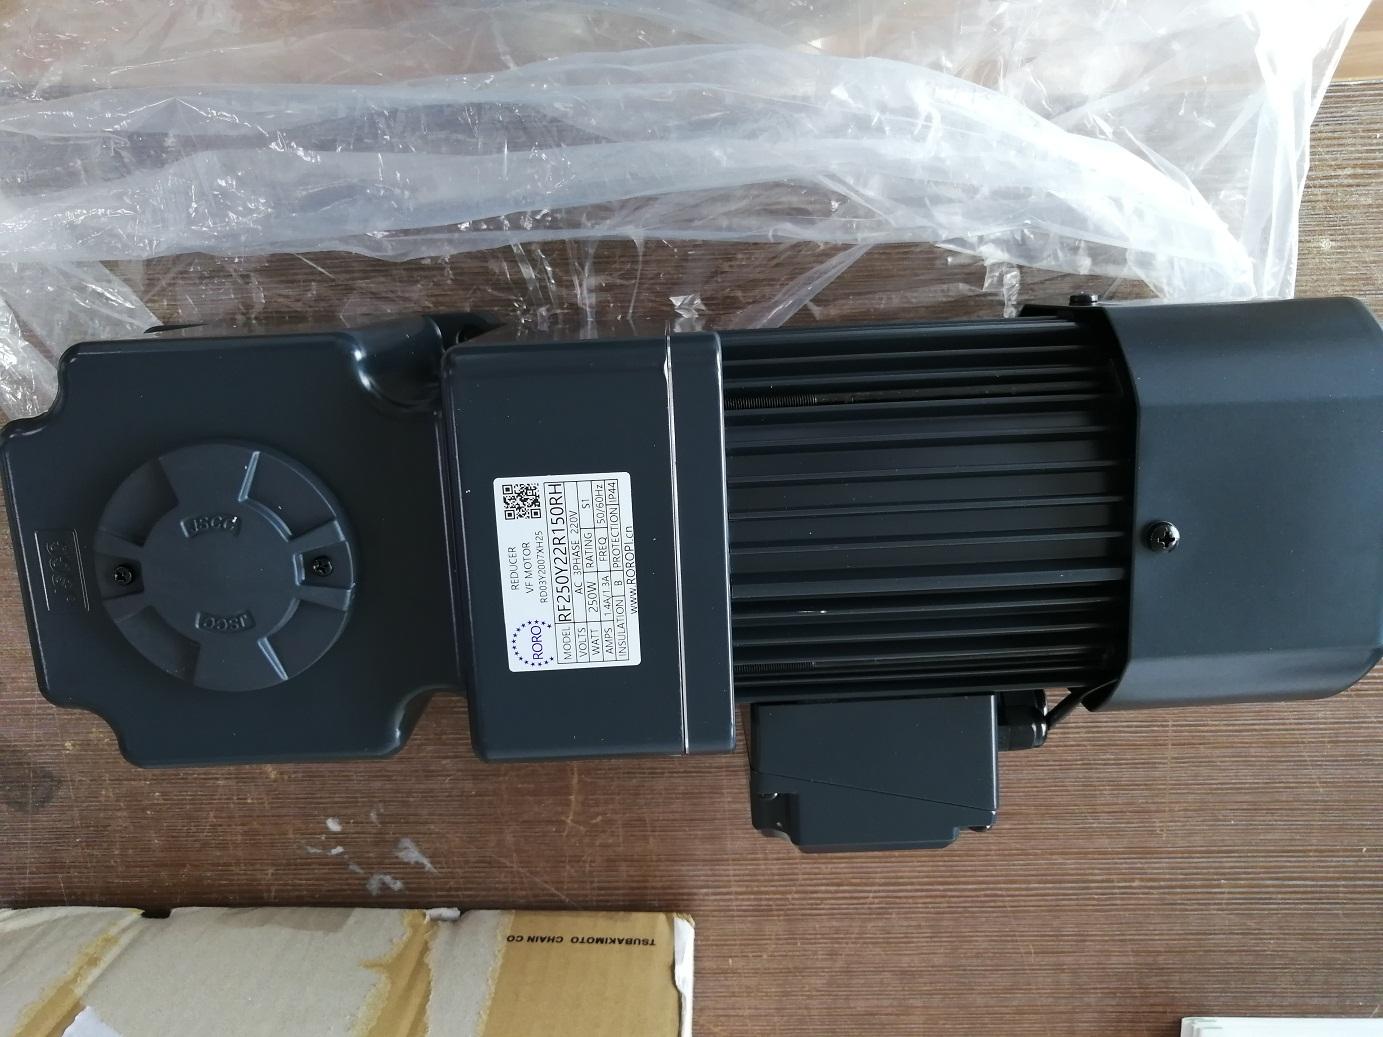 2020.07.08上海盛霞 RORO電機到貨照片